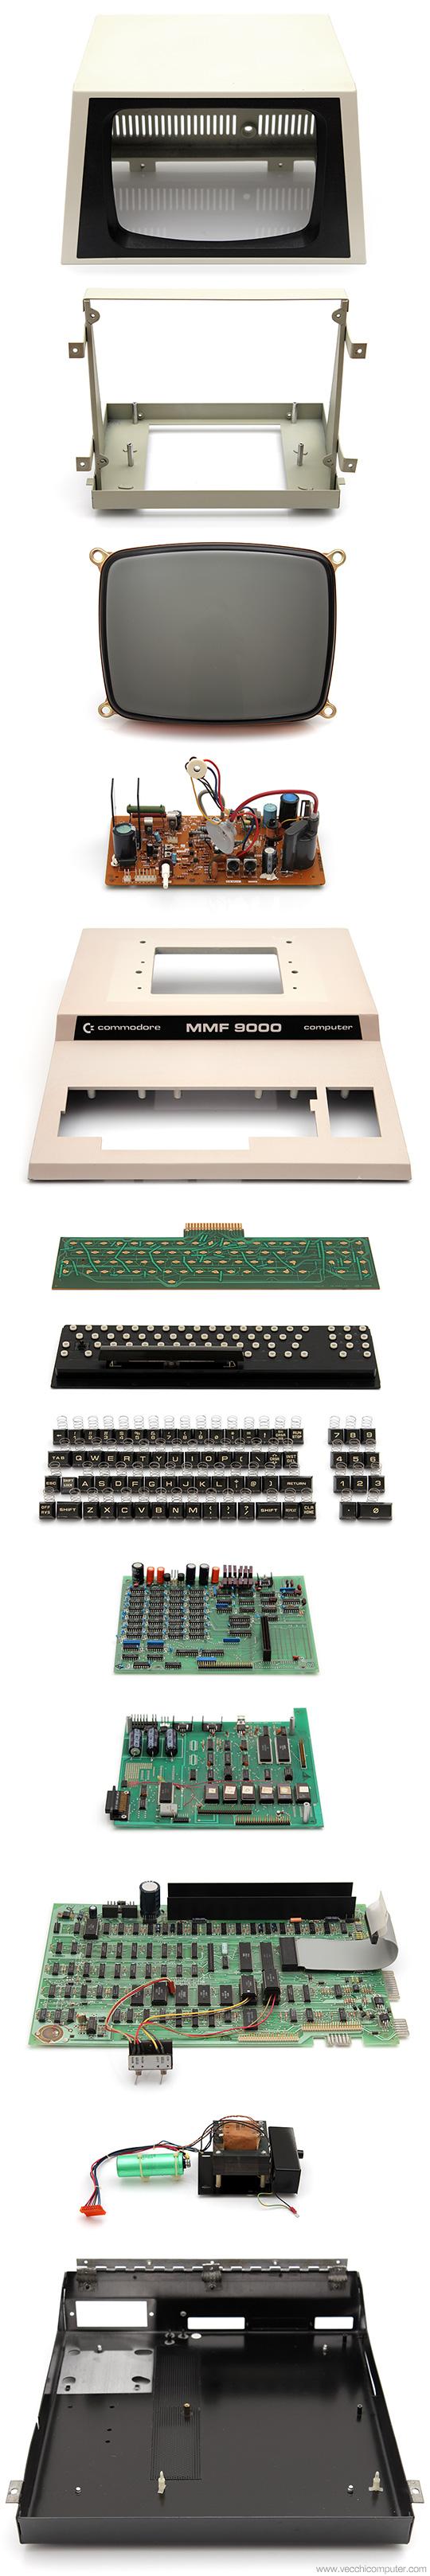 Commodore MMF 9000 - pezzi